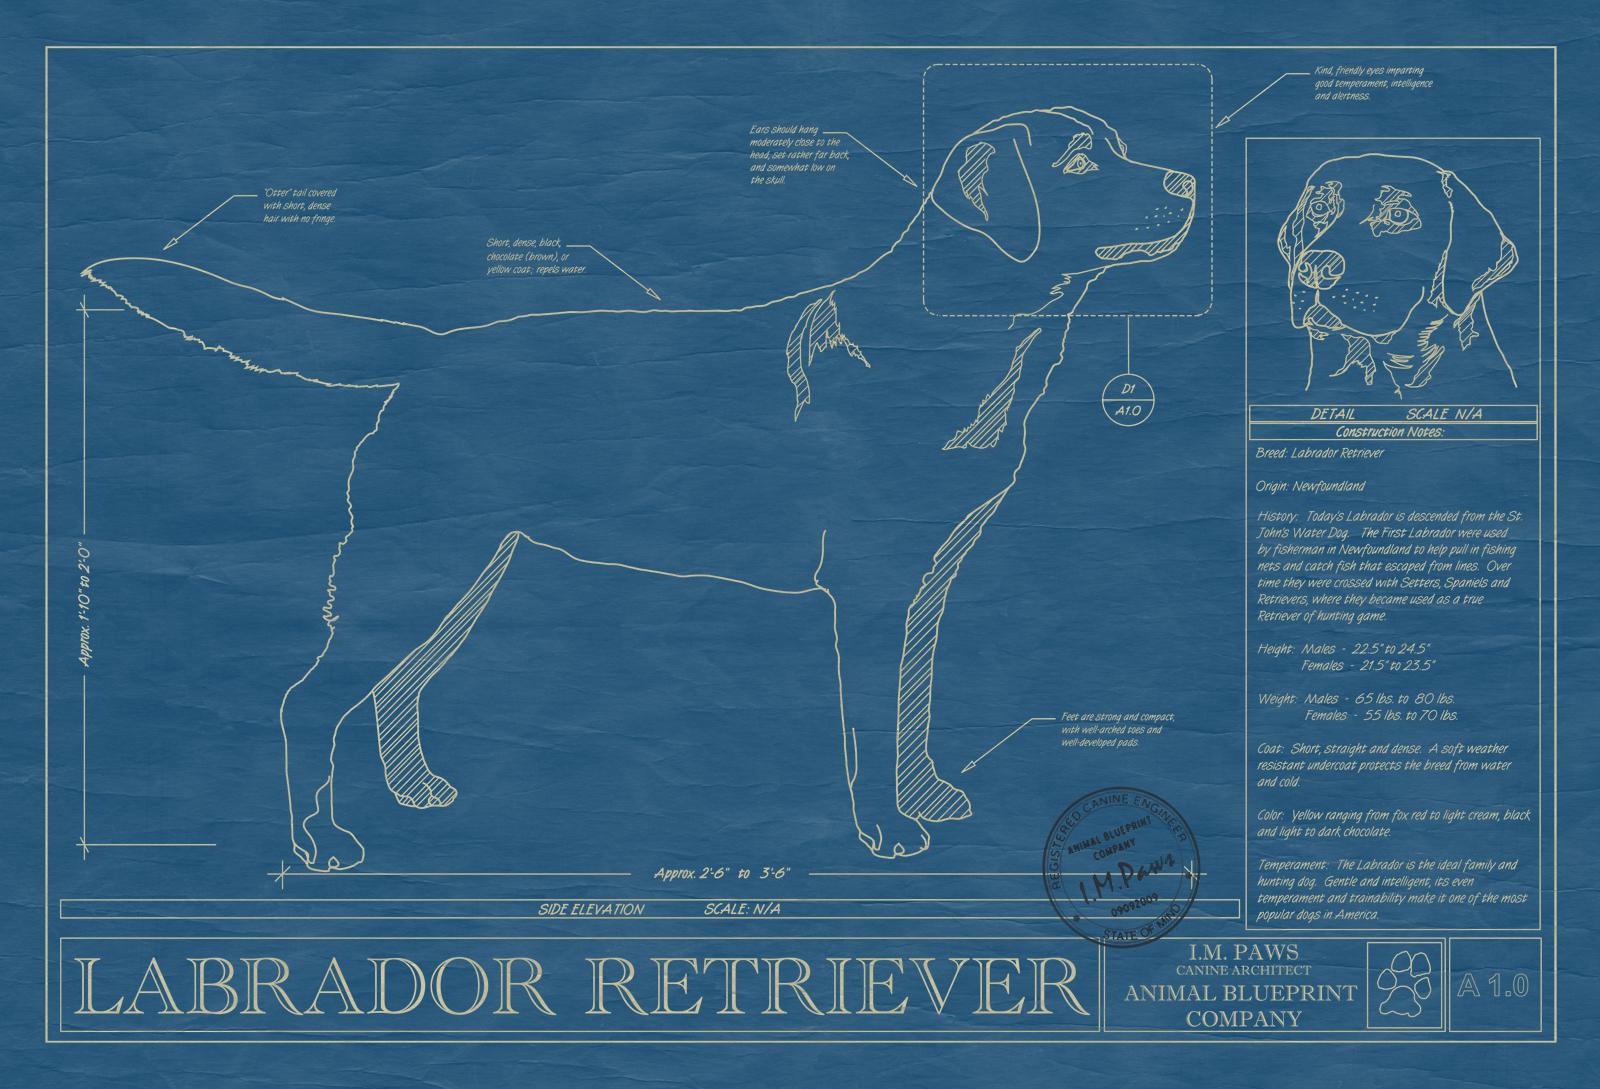 Labrador retriever animal blueprint company labrador retriever dog blueprint malvernweather Gallery